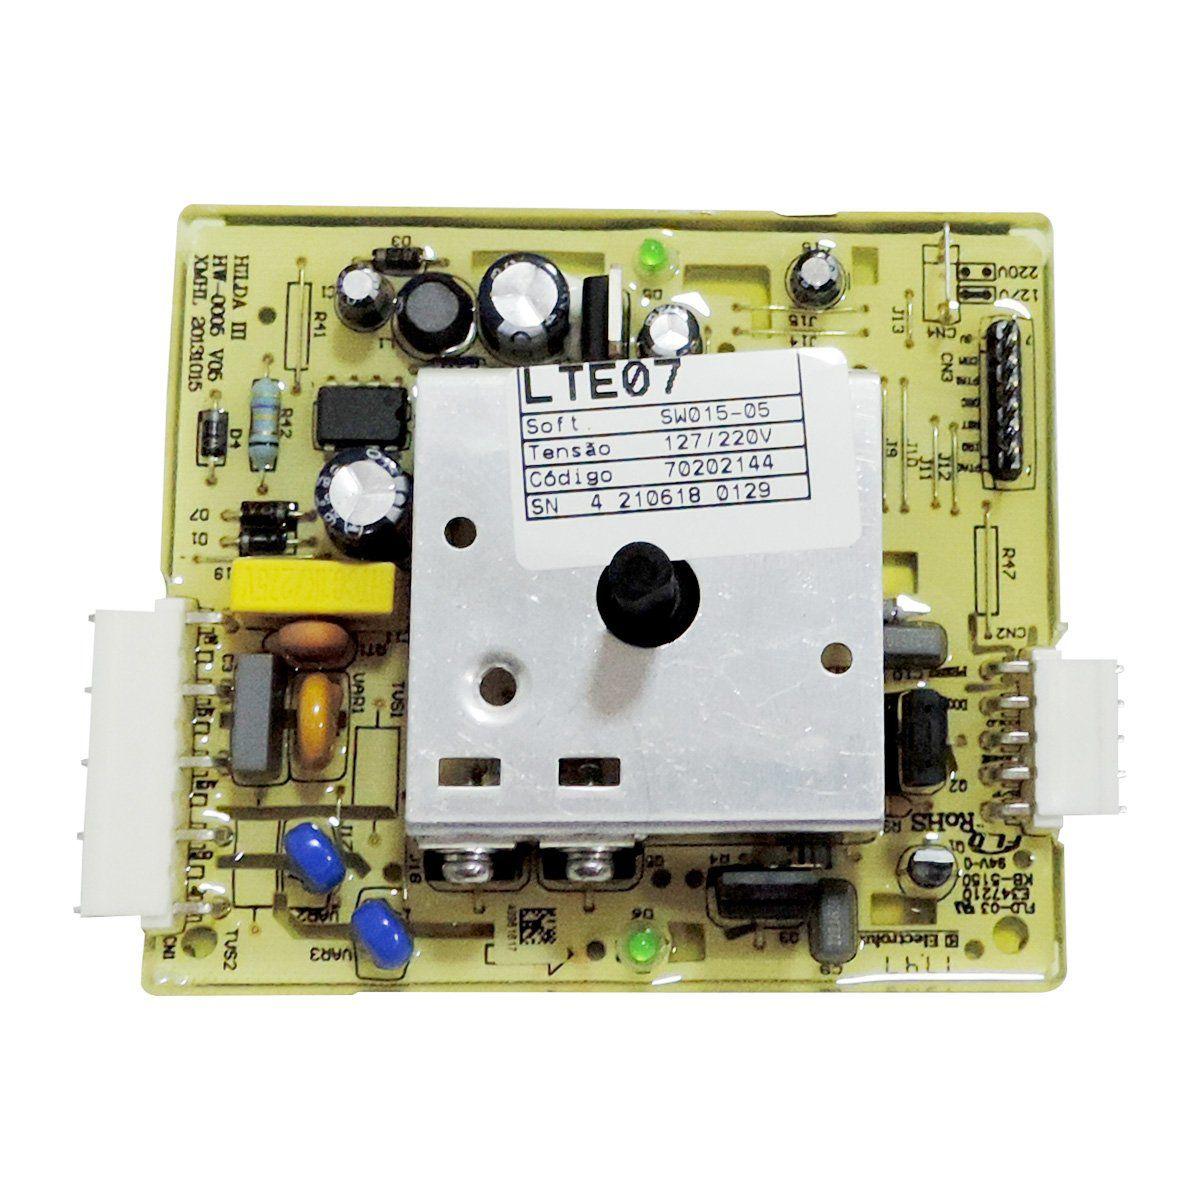 Placa Potencia LAVADORA Electrolux Lte07 70200100 70202144